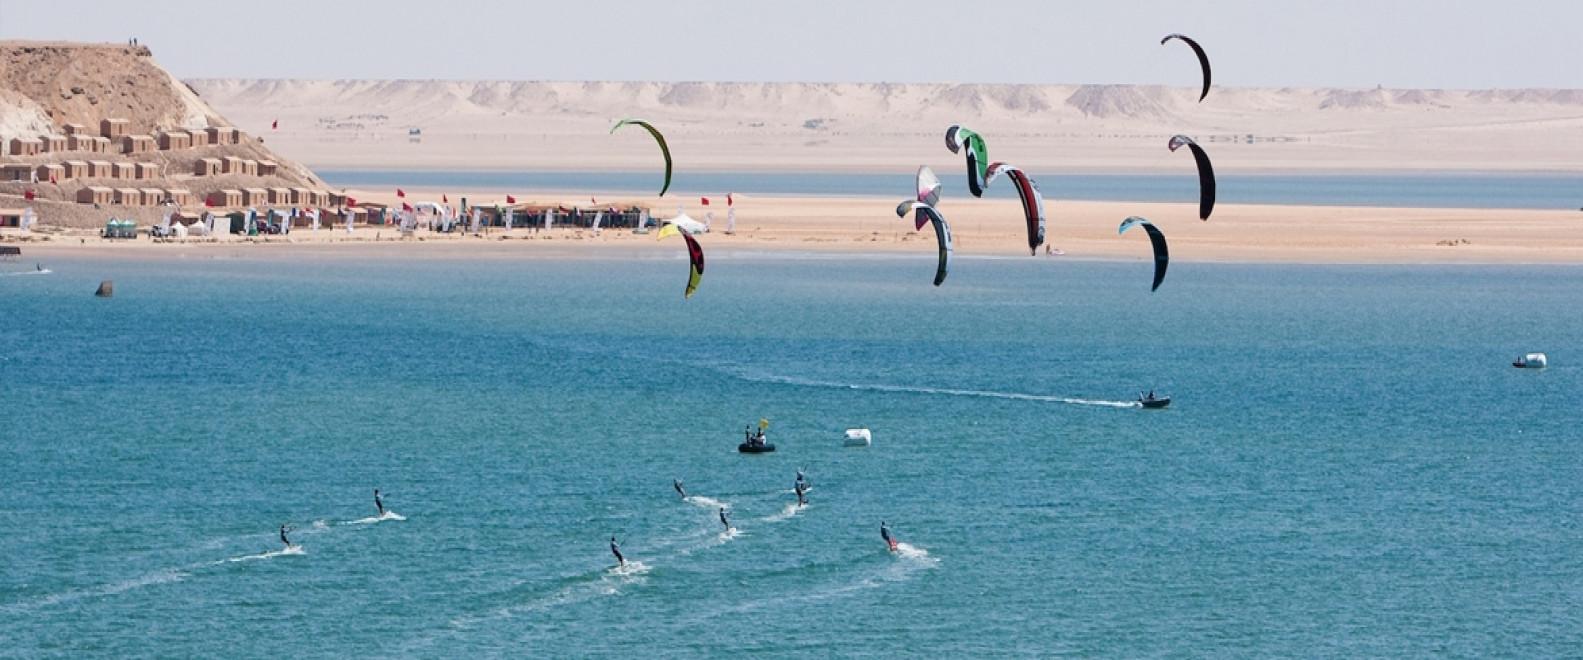 L'hôtel-écoresponsable-dakhla-maroc| Office National Marocain du Tourisme